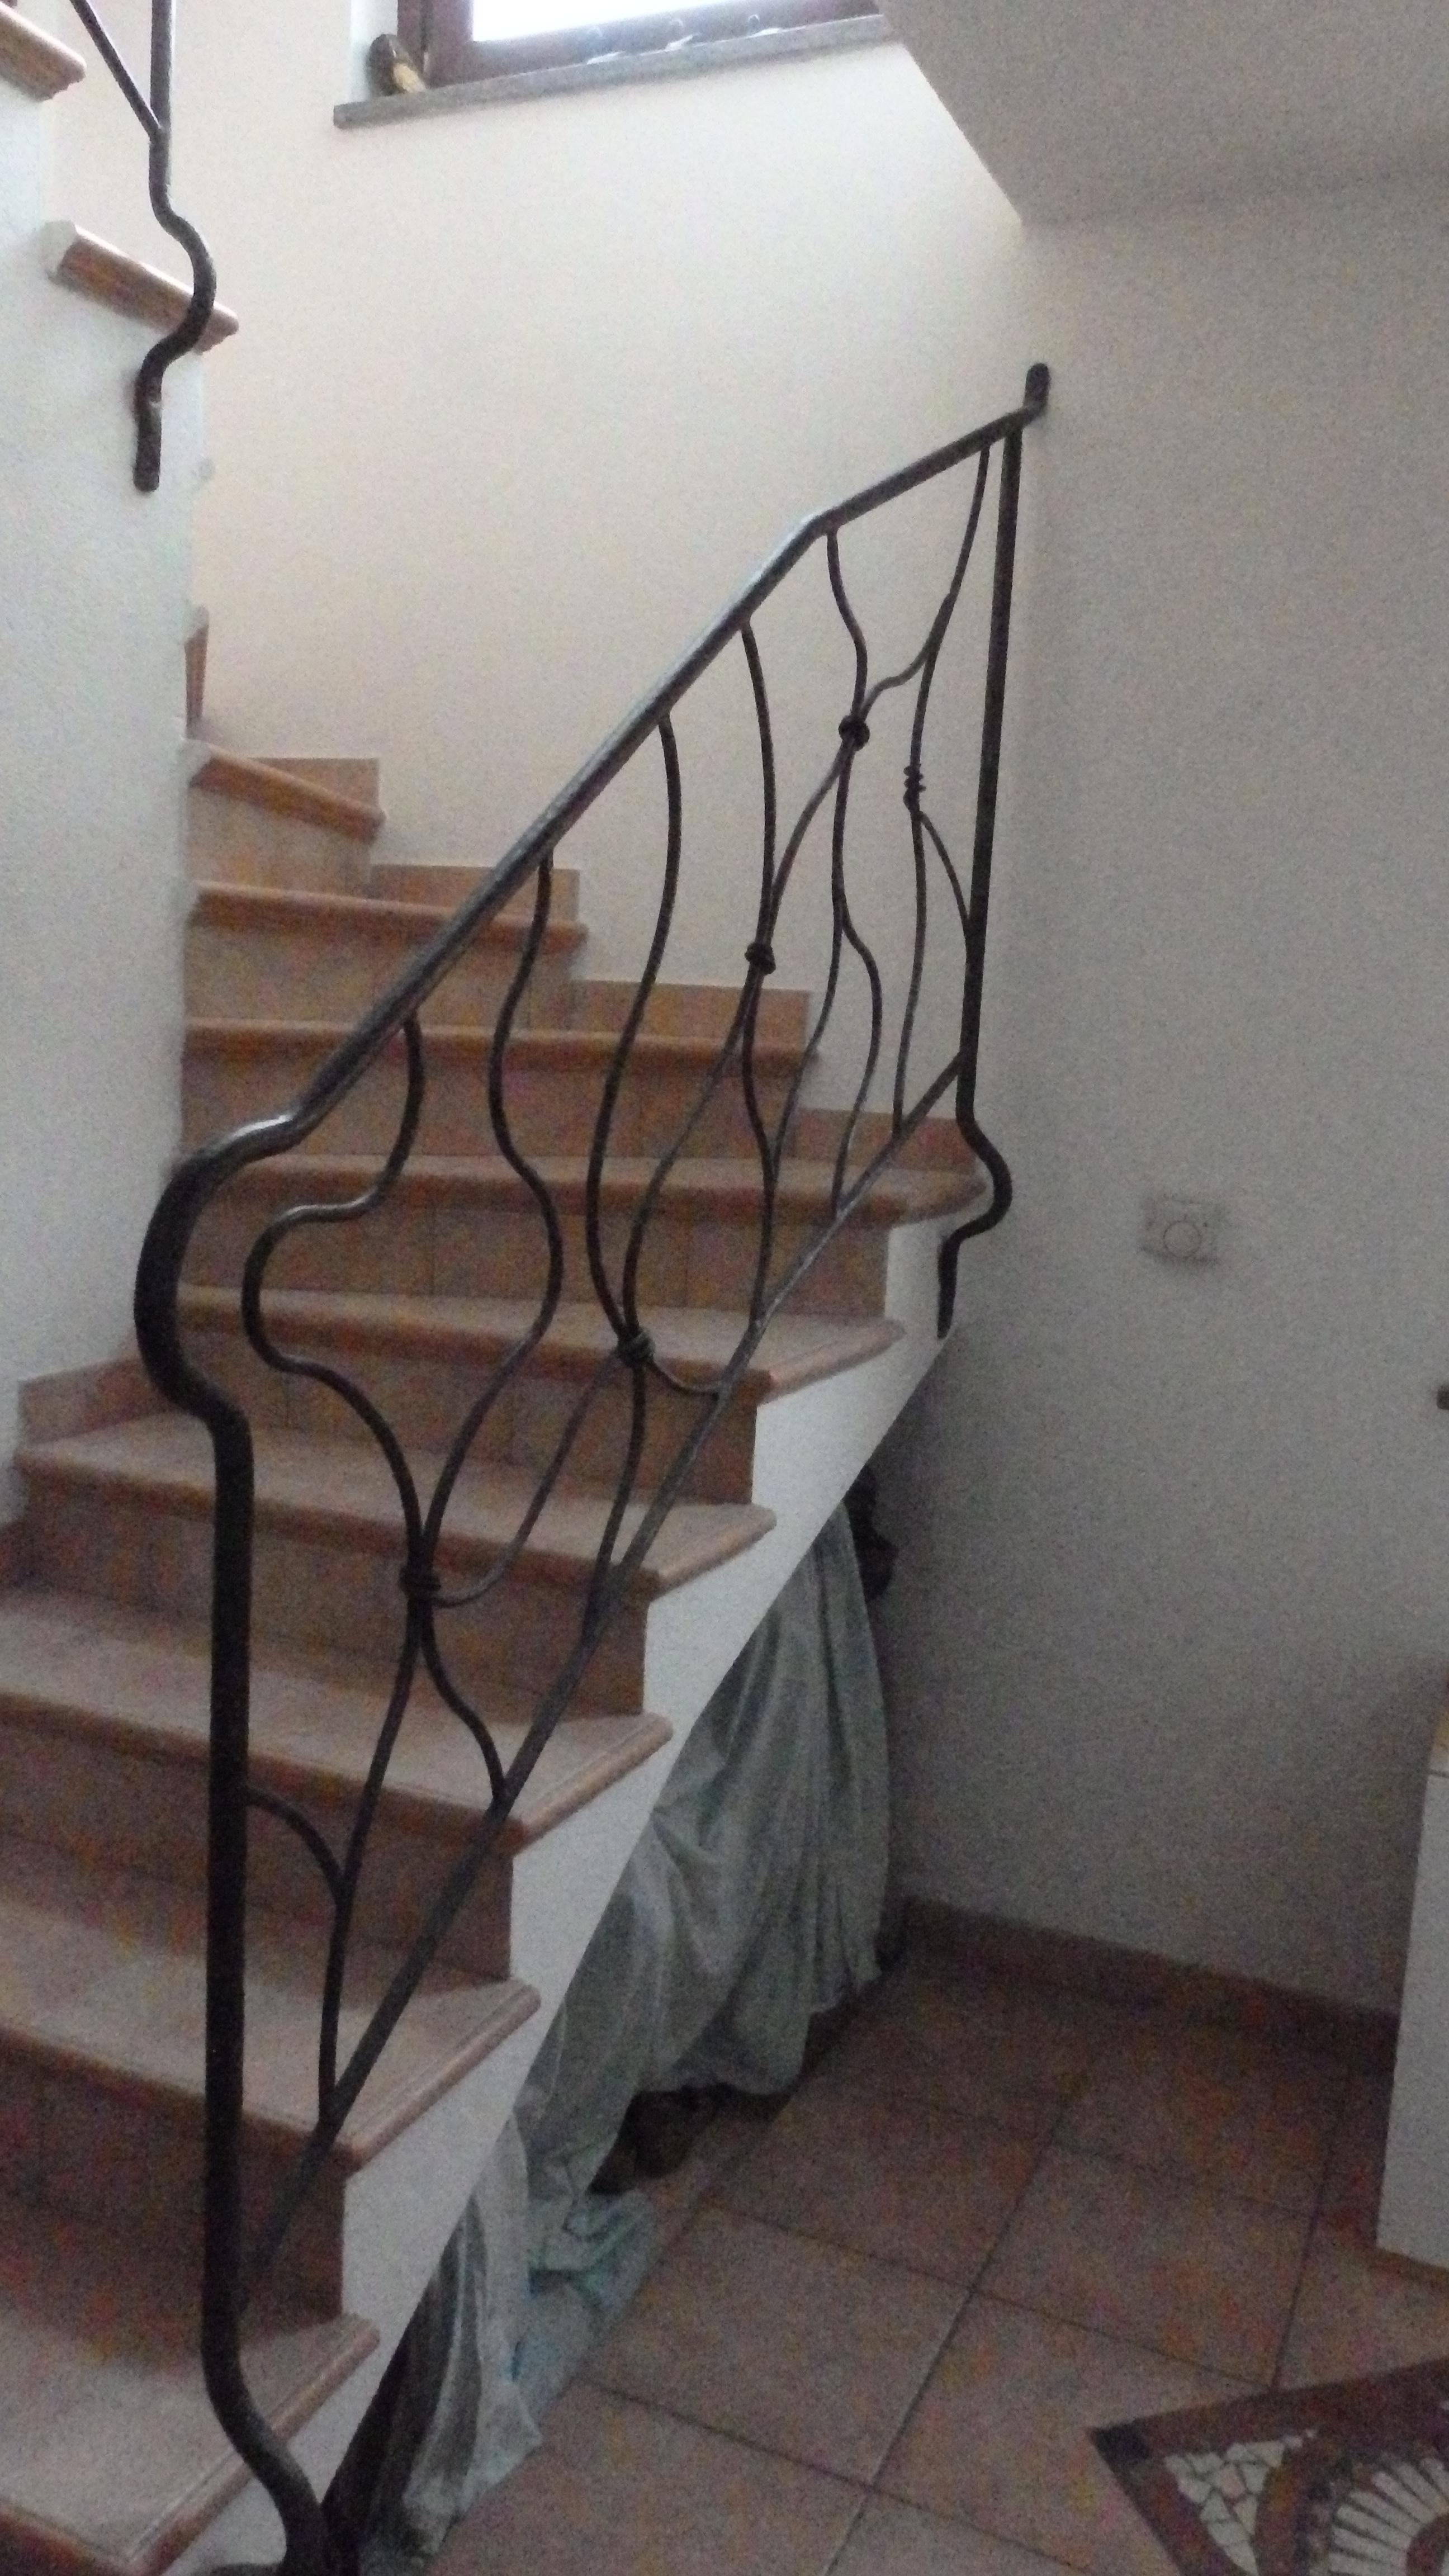 Ringhiera per interni in ferro battuto tipo moderno - Ringhiere per interni ...